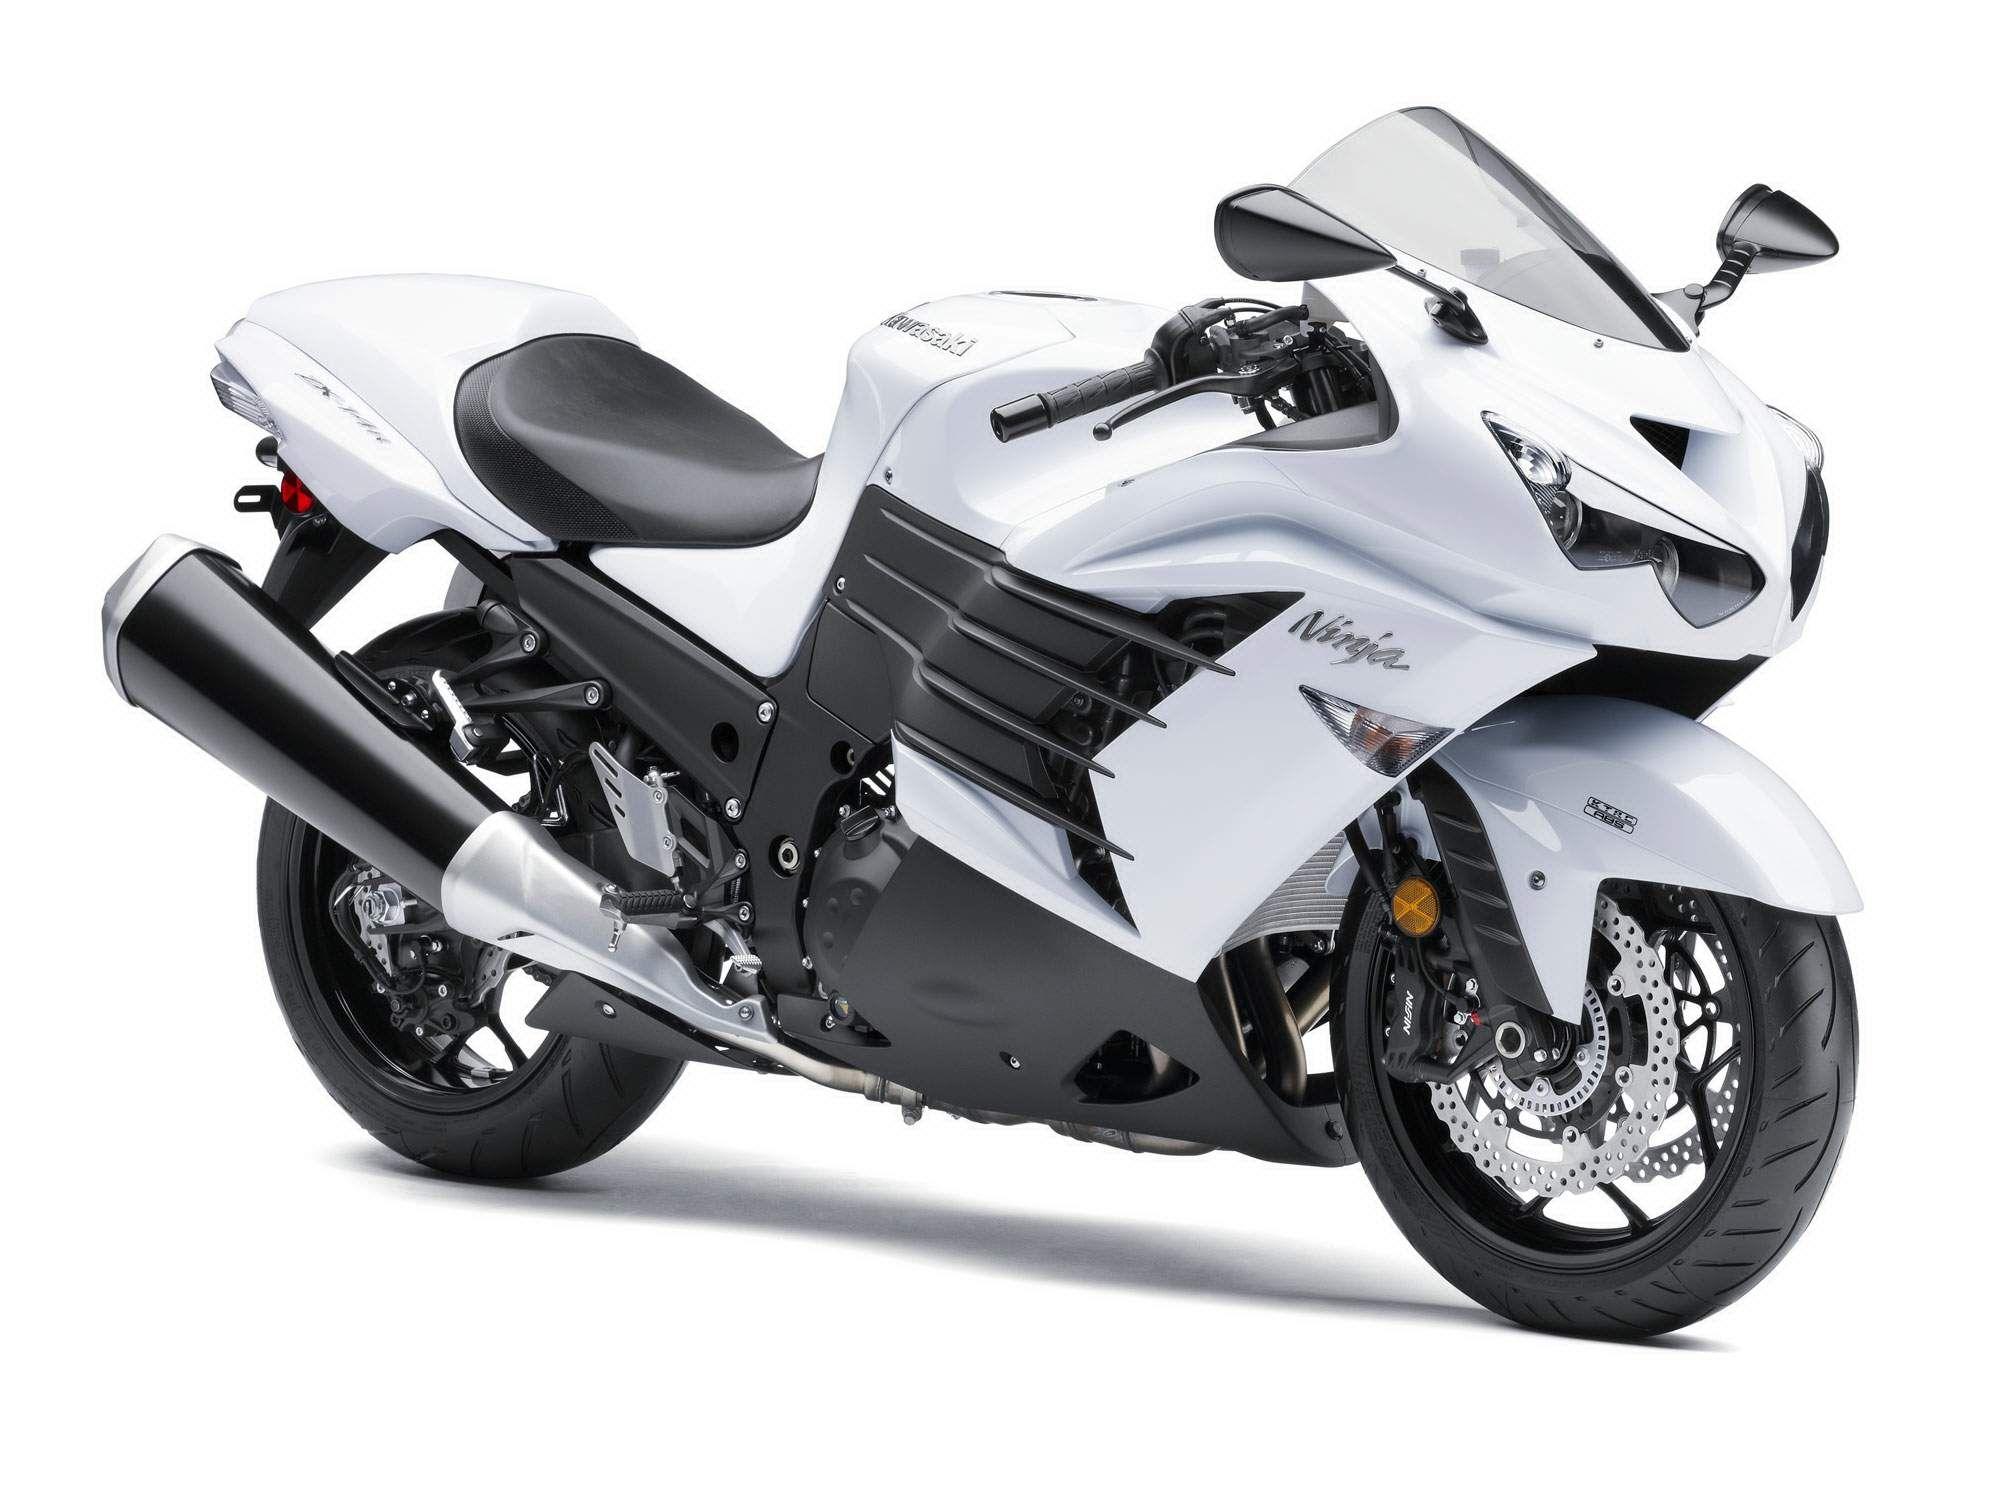 Kawasaki ZZR 1400 Ninja | Kawasaki | Pinterest